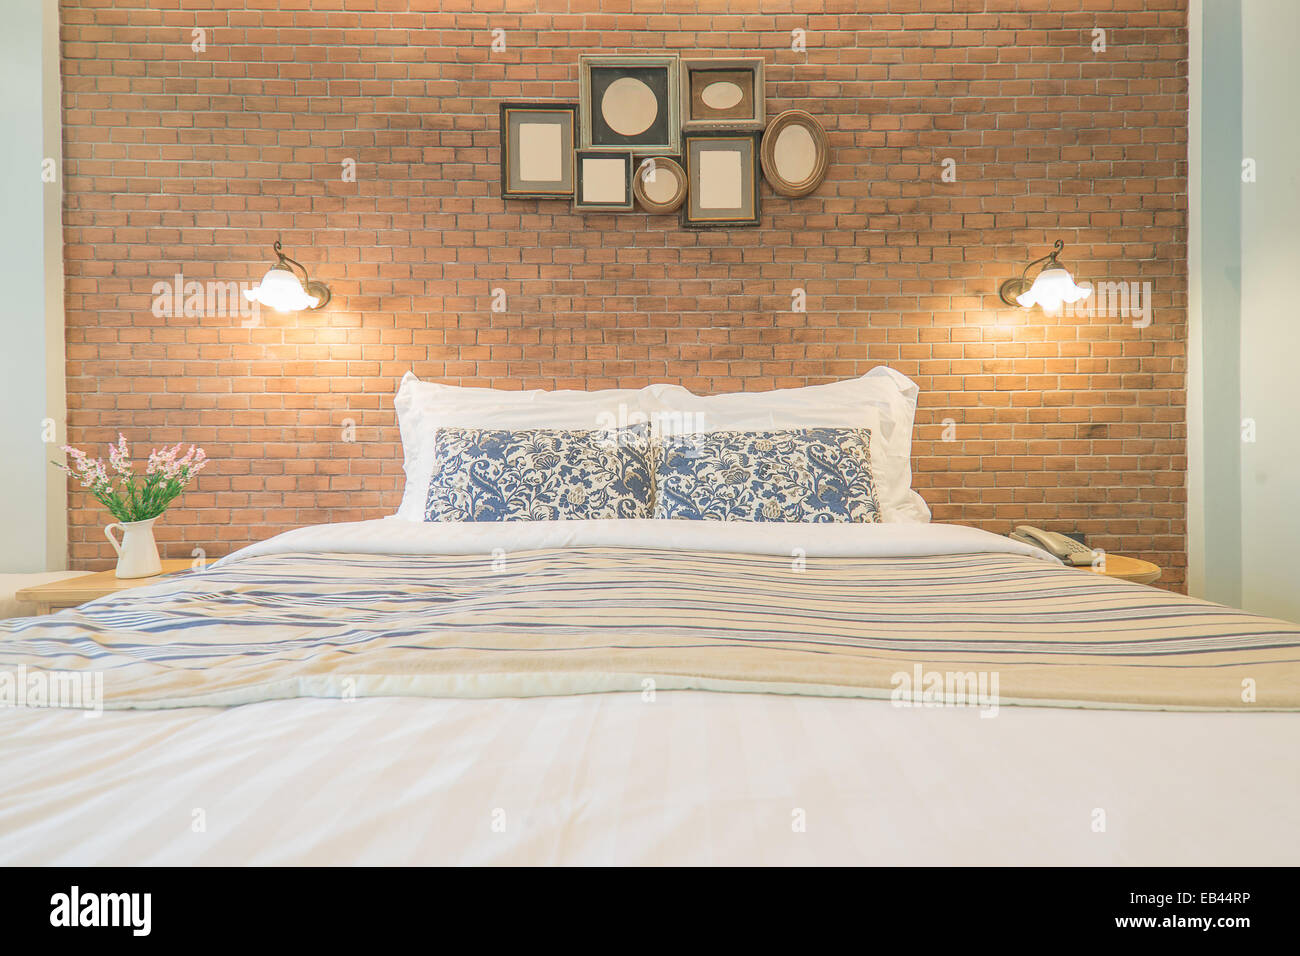 Camera da letto traduzione inglese letto matrimoniale inglese at